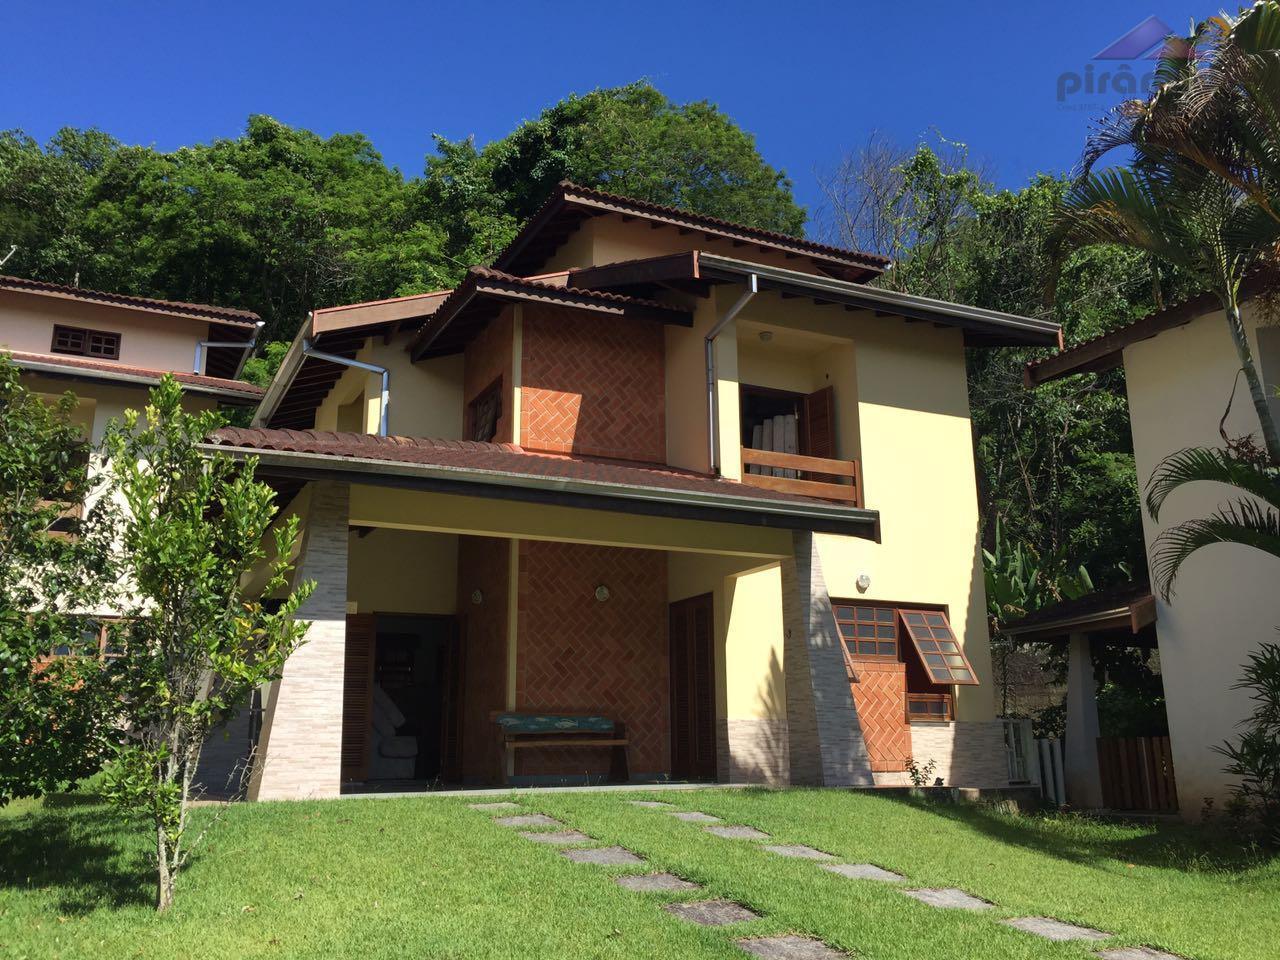 Casa residencial à venda, Praia das Toninhas, Ubatuba - CA2678.